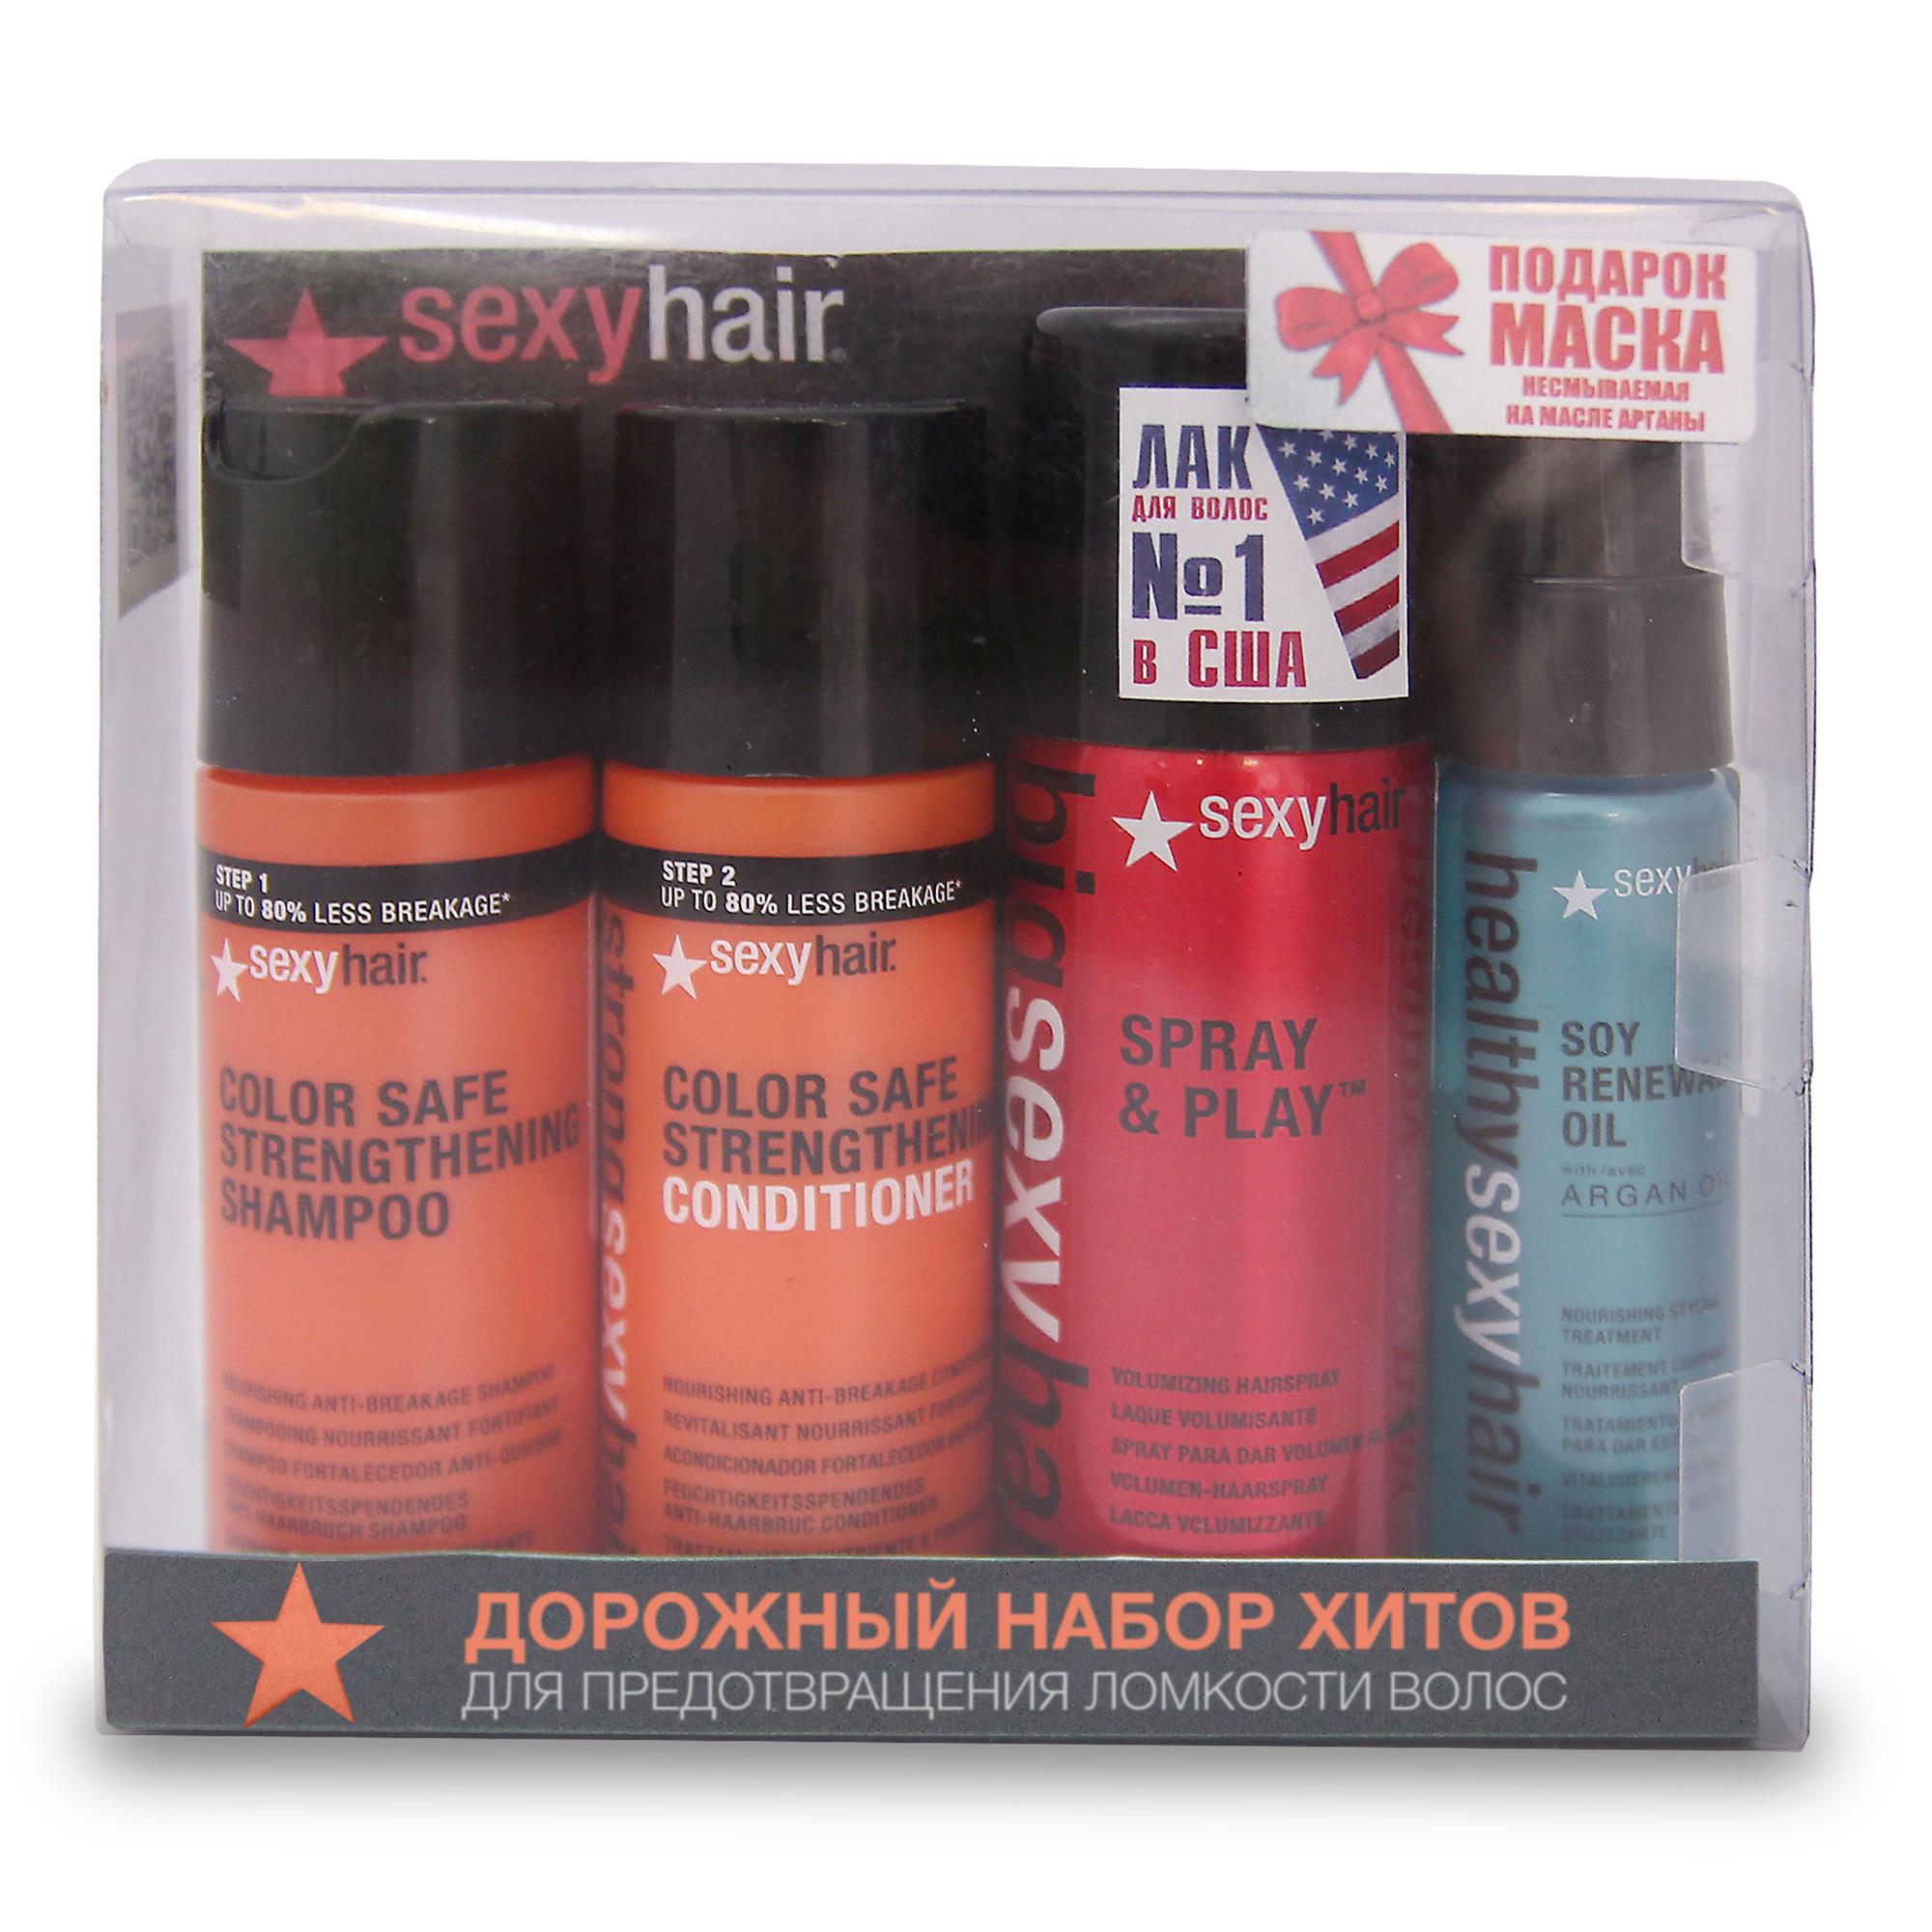 SEXY HAIR Набор дорожный №3 для прочности волос : шампунь, кондиционер, спрей, маска / Sexy Hair 50 мл+50 мл+50 мл+25 млНаборы<br>Набор с миниатюрами - прекрасная возможность познакомиться с брендом Sexy Hair! А для поклонников бренда - идеальный попутчик в любом путешествии! В состав набора входят: Шампунь для прочности волос 50мл; Кондиционер для прочности волос 50мл; Спрей для создания объема 50мл; Маска несмываемая на масле арганы 25мл. ШАМПУНЬ ДЛЯ ПРОЧНОСТИ ВОЛОС - бережно очищает, сохраняя цвет окрашенных волос. Идеален для ломких волос. Подходит для ежедневного применения. КОНДИЦИОНЕР ДЛЯ ПРОЧНОСТИ ВОЛОС - обеспечивает необходимое питание, увлажнение и блеск ломким волосам. Возвращает им силу и эластичность. Помогает сохранить цвет окрашенных волос. СПРЕЙ ДЛЯ СОЗДАНИЯ ОБЪЁМА - настоящий хит в линейке лаков Sexy Hair! Идеально подходит для создания объемной и подвижной укладки, не утяжеляет волосы и не оставляет белого налета. Усиливает блеск волос. МАСКА НЕСМЫВАЕМАЯ НА МАСЛЕ АРГАНЫ - маст-хэв в любом домашнем уходе! Мгновенно добавляет блеск, увлажняет, контролирует пушистость, повышает упругость и эластичность волос, помогает сделать их гладкими и облегчает расчесывание. Запаивает секущиеся кончики.<br><br>Типы волос: Ломкие<br>Назначение: Секущиеся кончики<br>Время применения: Ежедневный